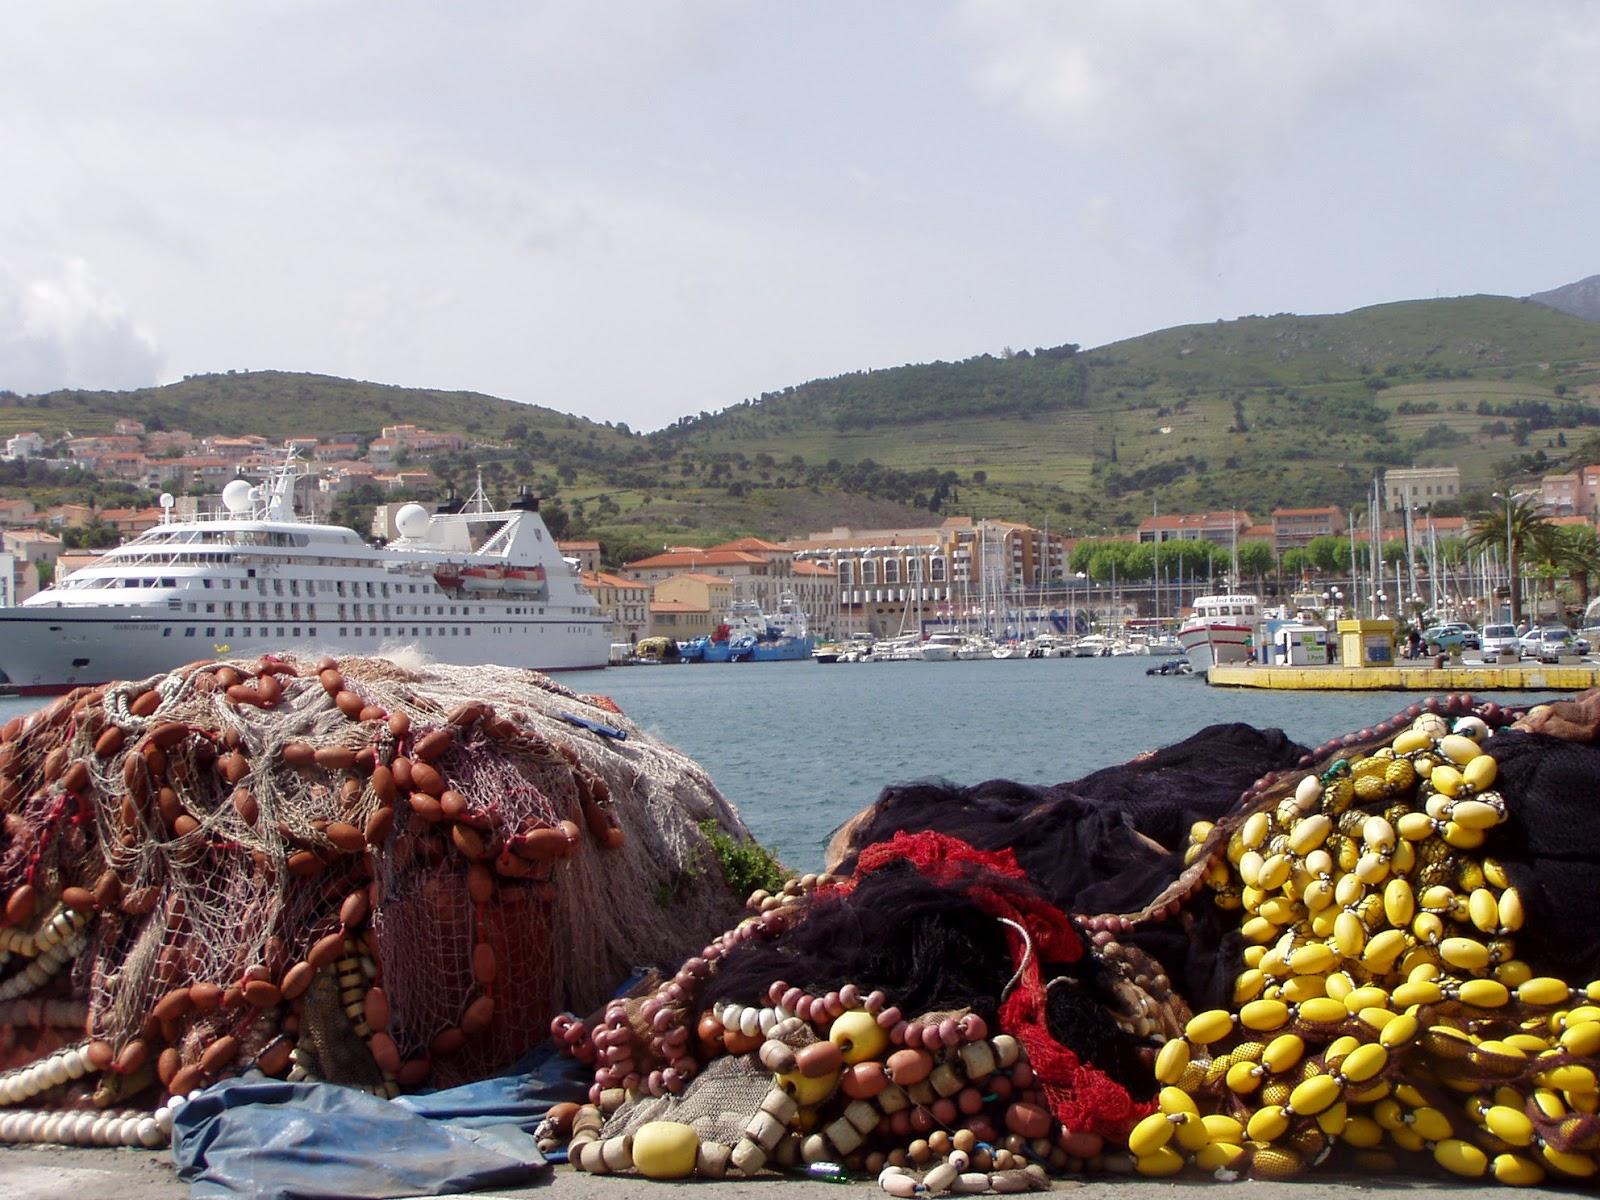 Les pyr n es photos randonn es paysages et rencontres le sentier du littoral de port vendres - Office du tourisme de port vendres ...